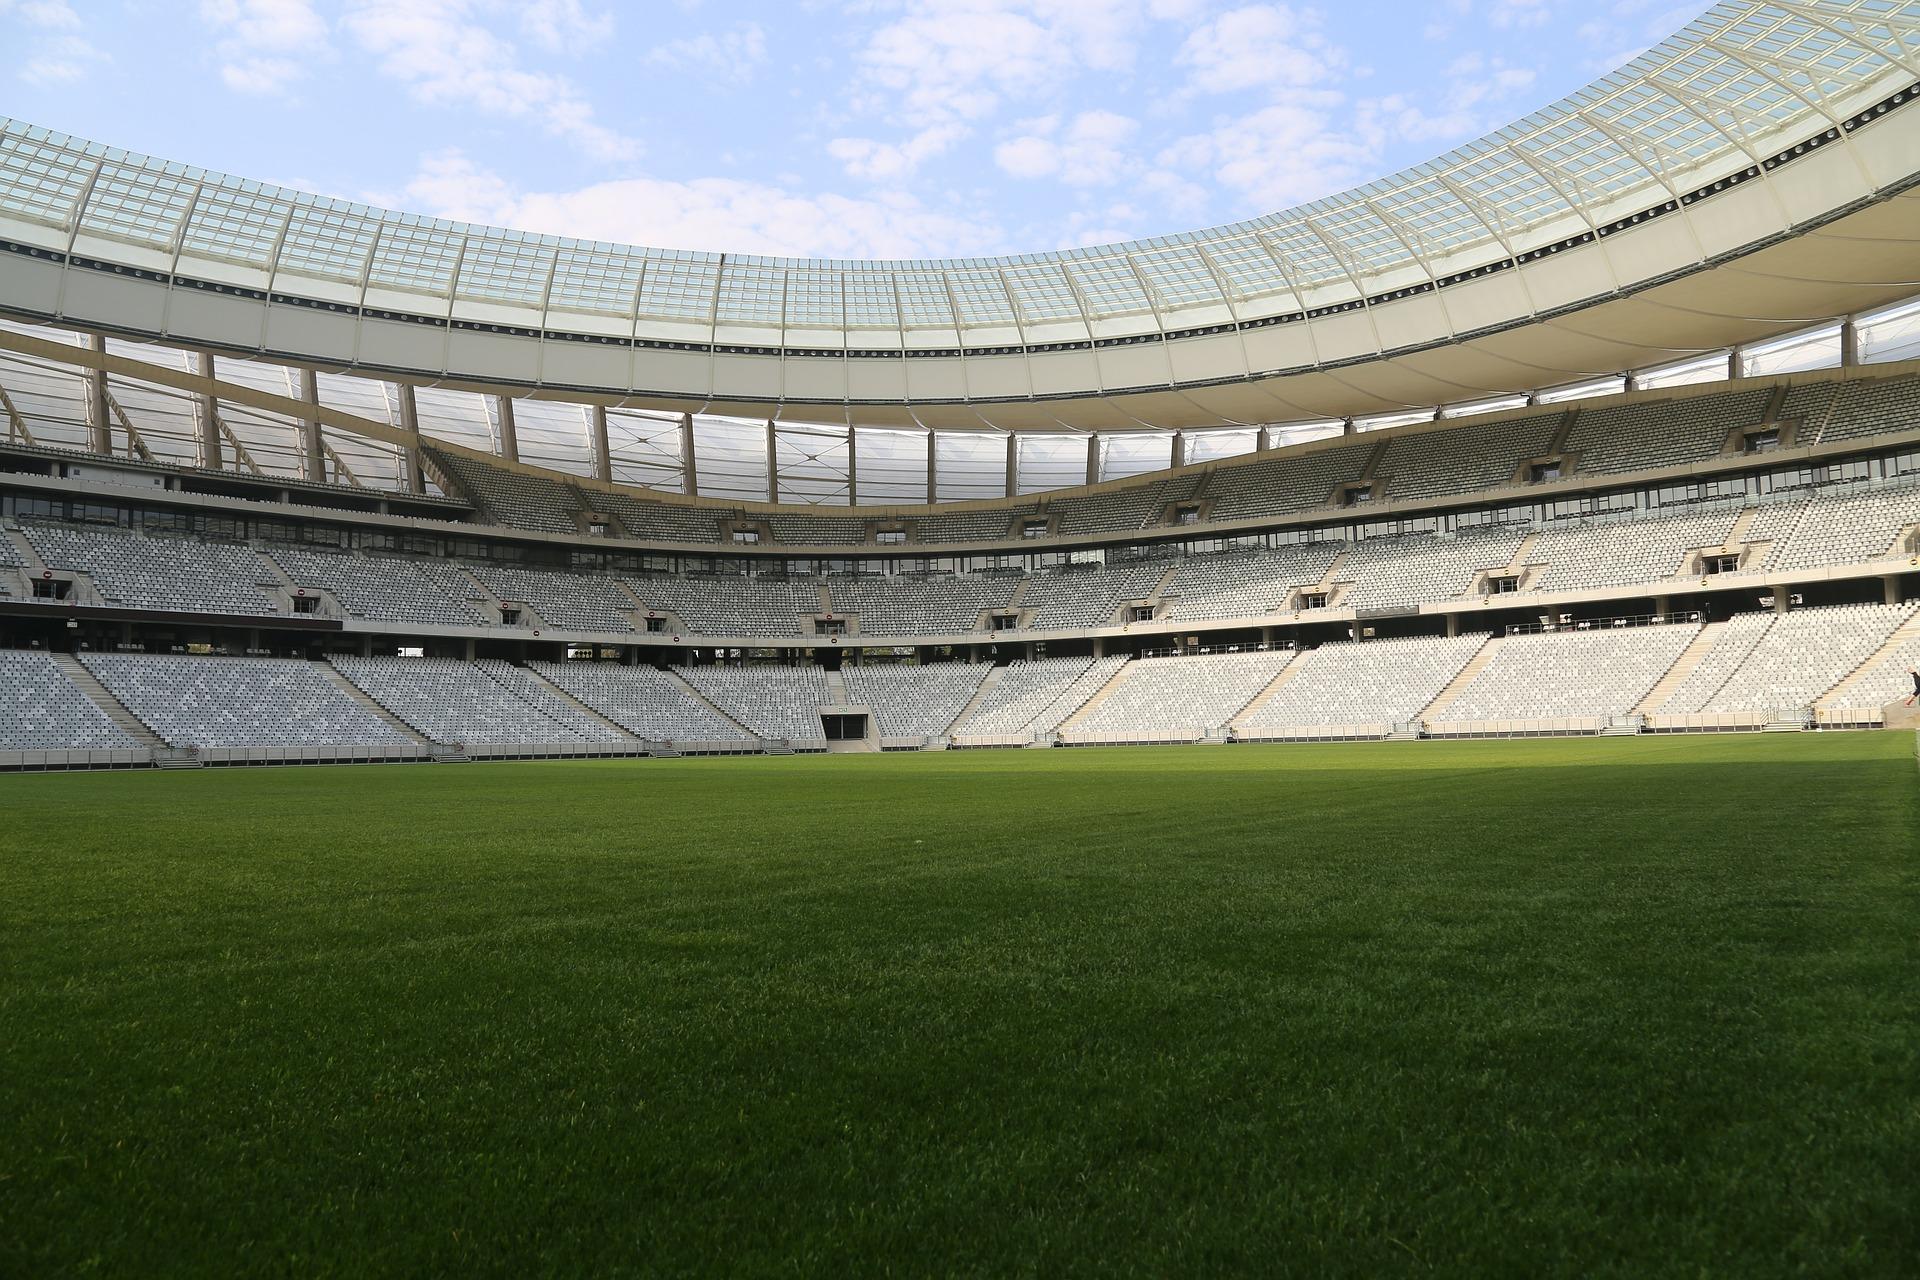 obras em estádios